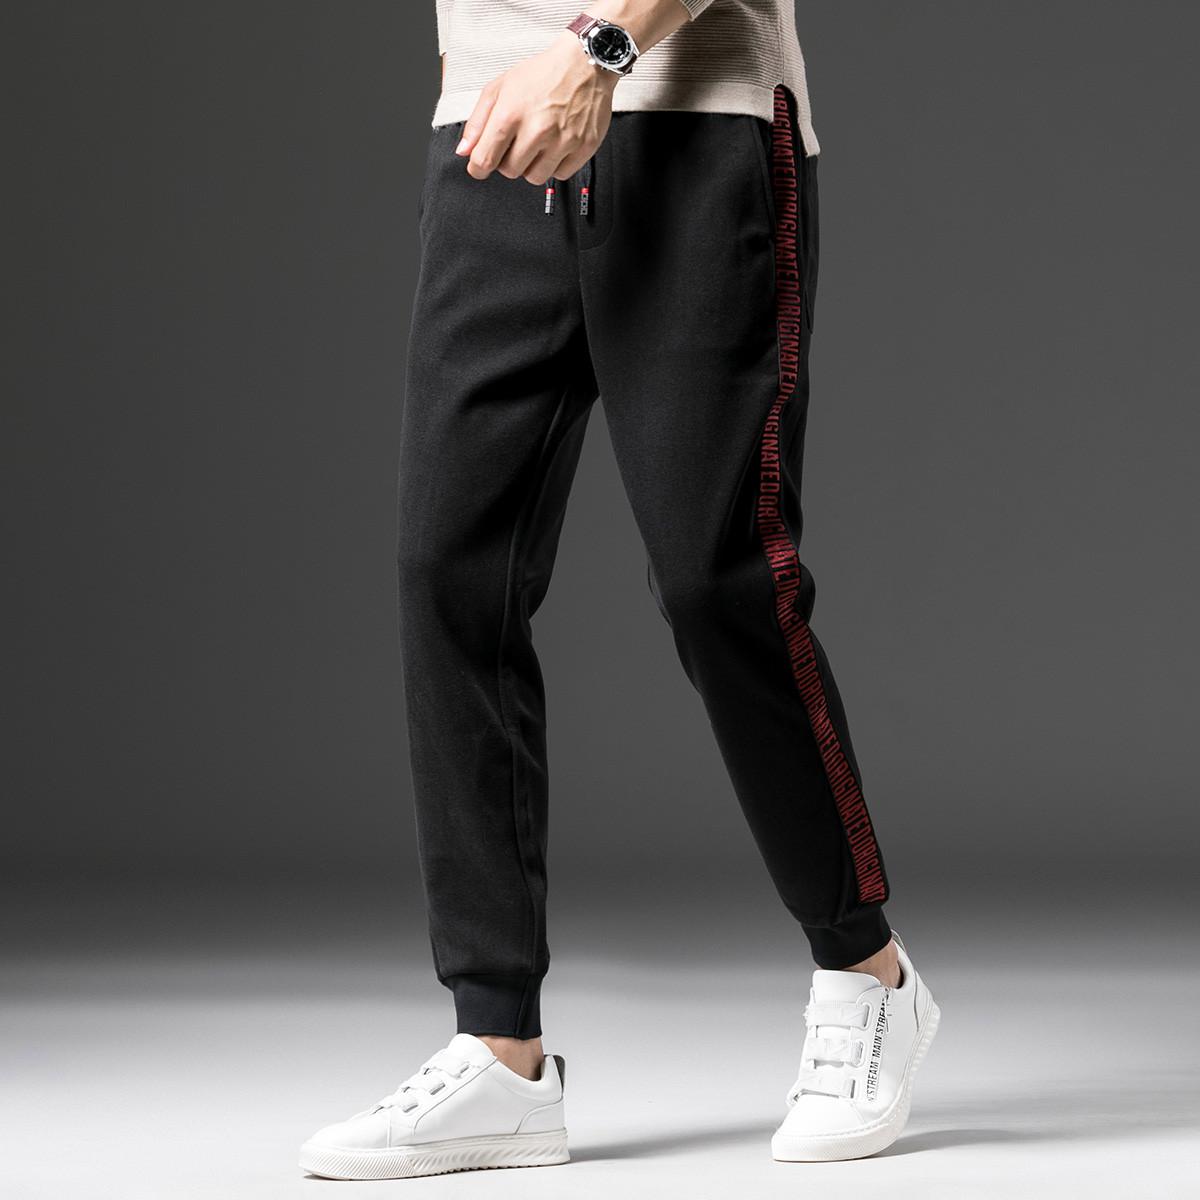 KM KILO KMMETERS2019冬季新品小脚裤男时尚休闲简约舒适长裤男士休闲裤M4XK203360X2